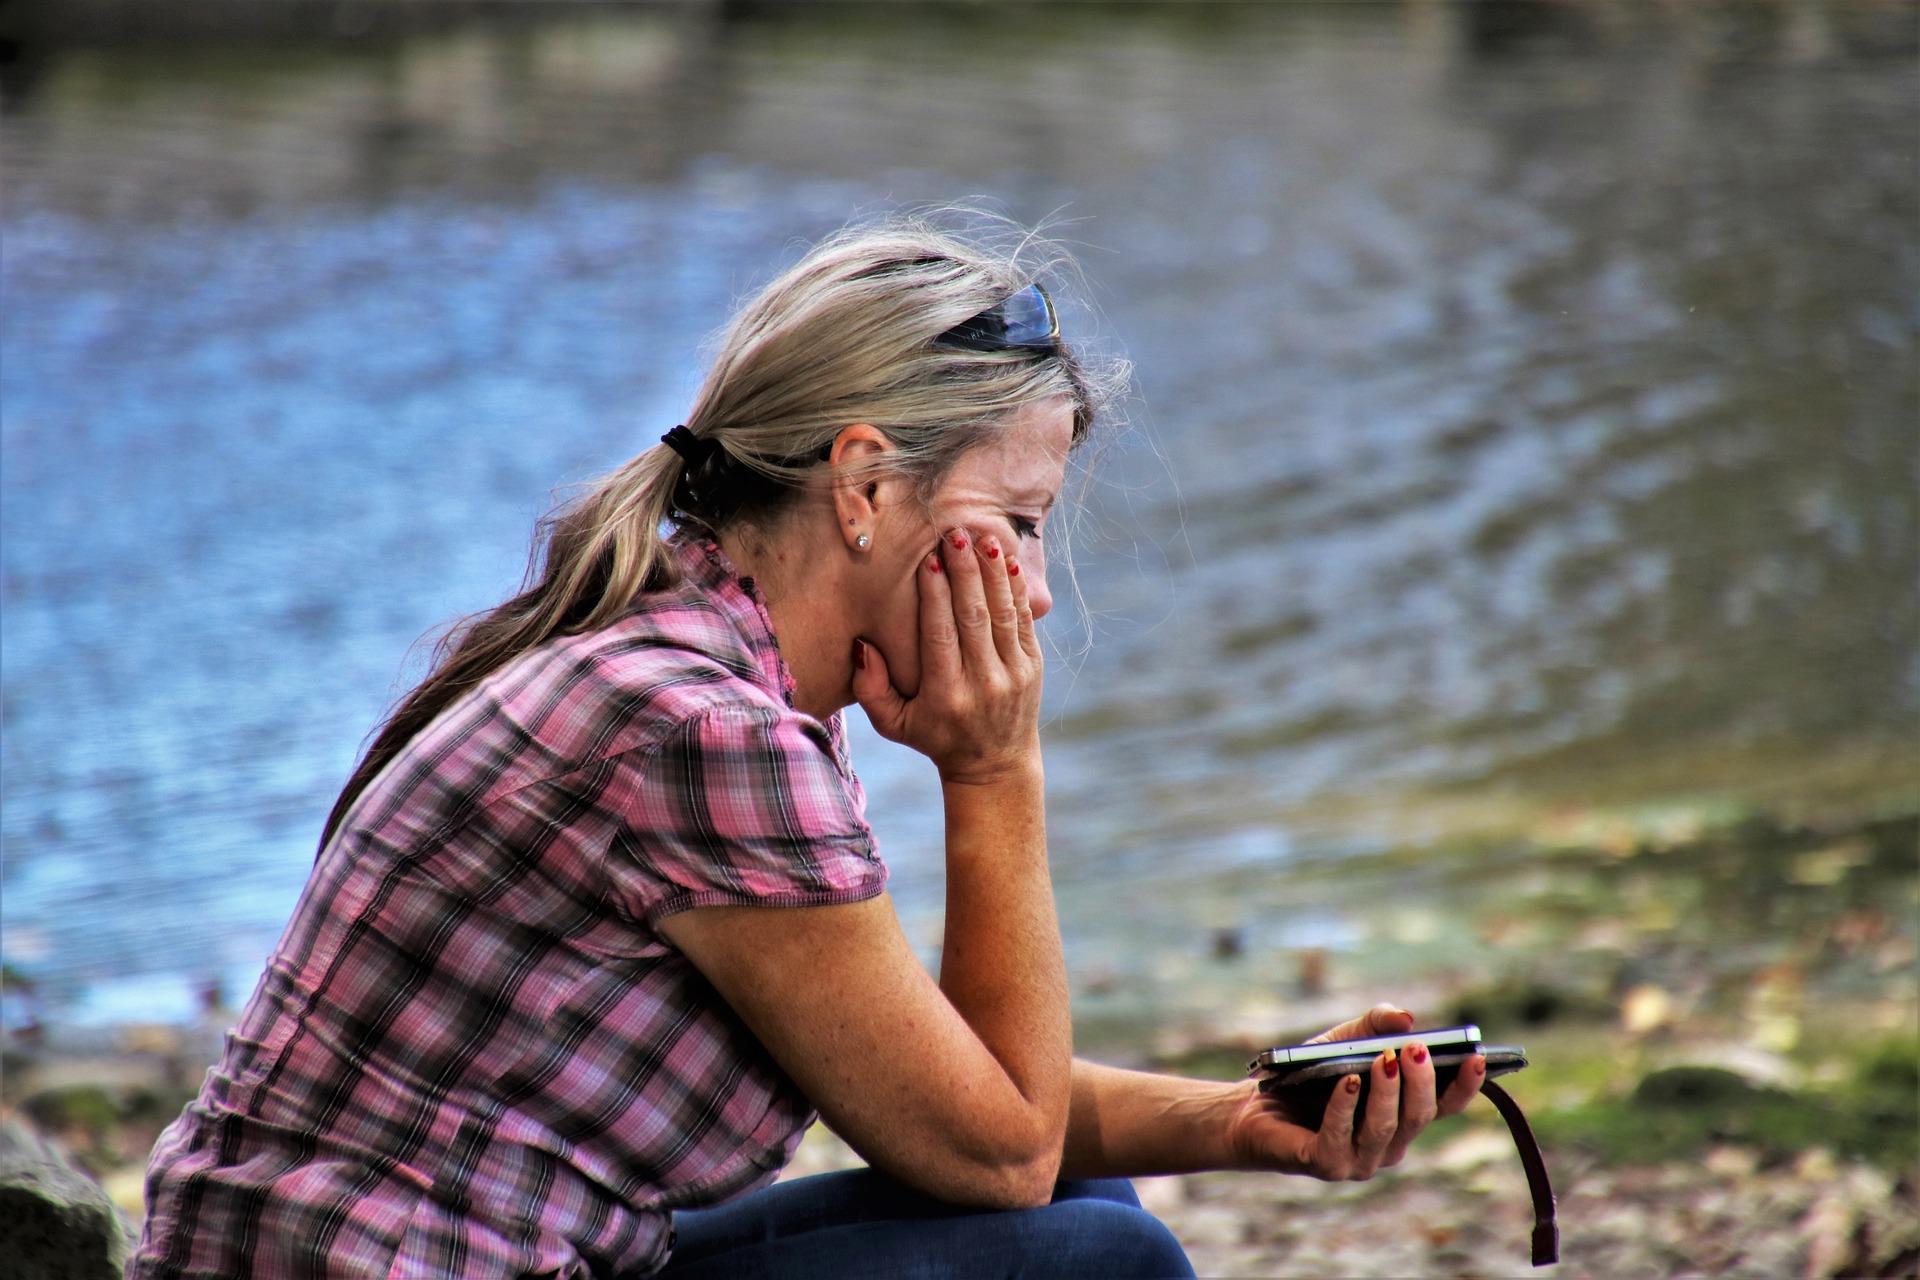 Quälst du dich noch mit deinem Schmerz oder erlaubst du dir schon, wieder glücklich zu sein?